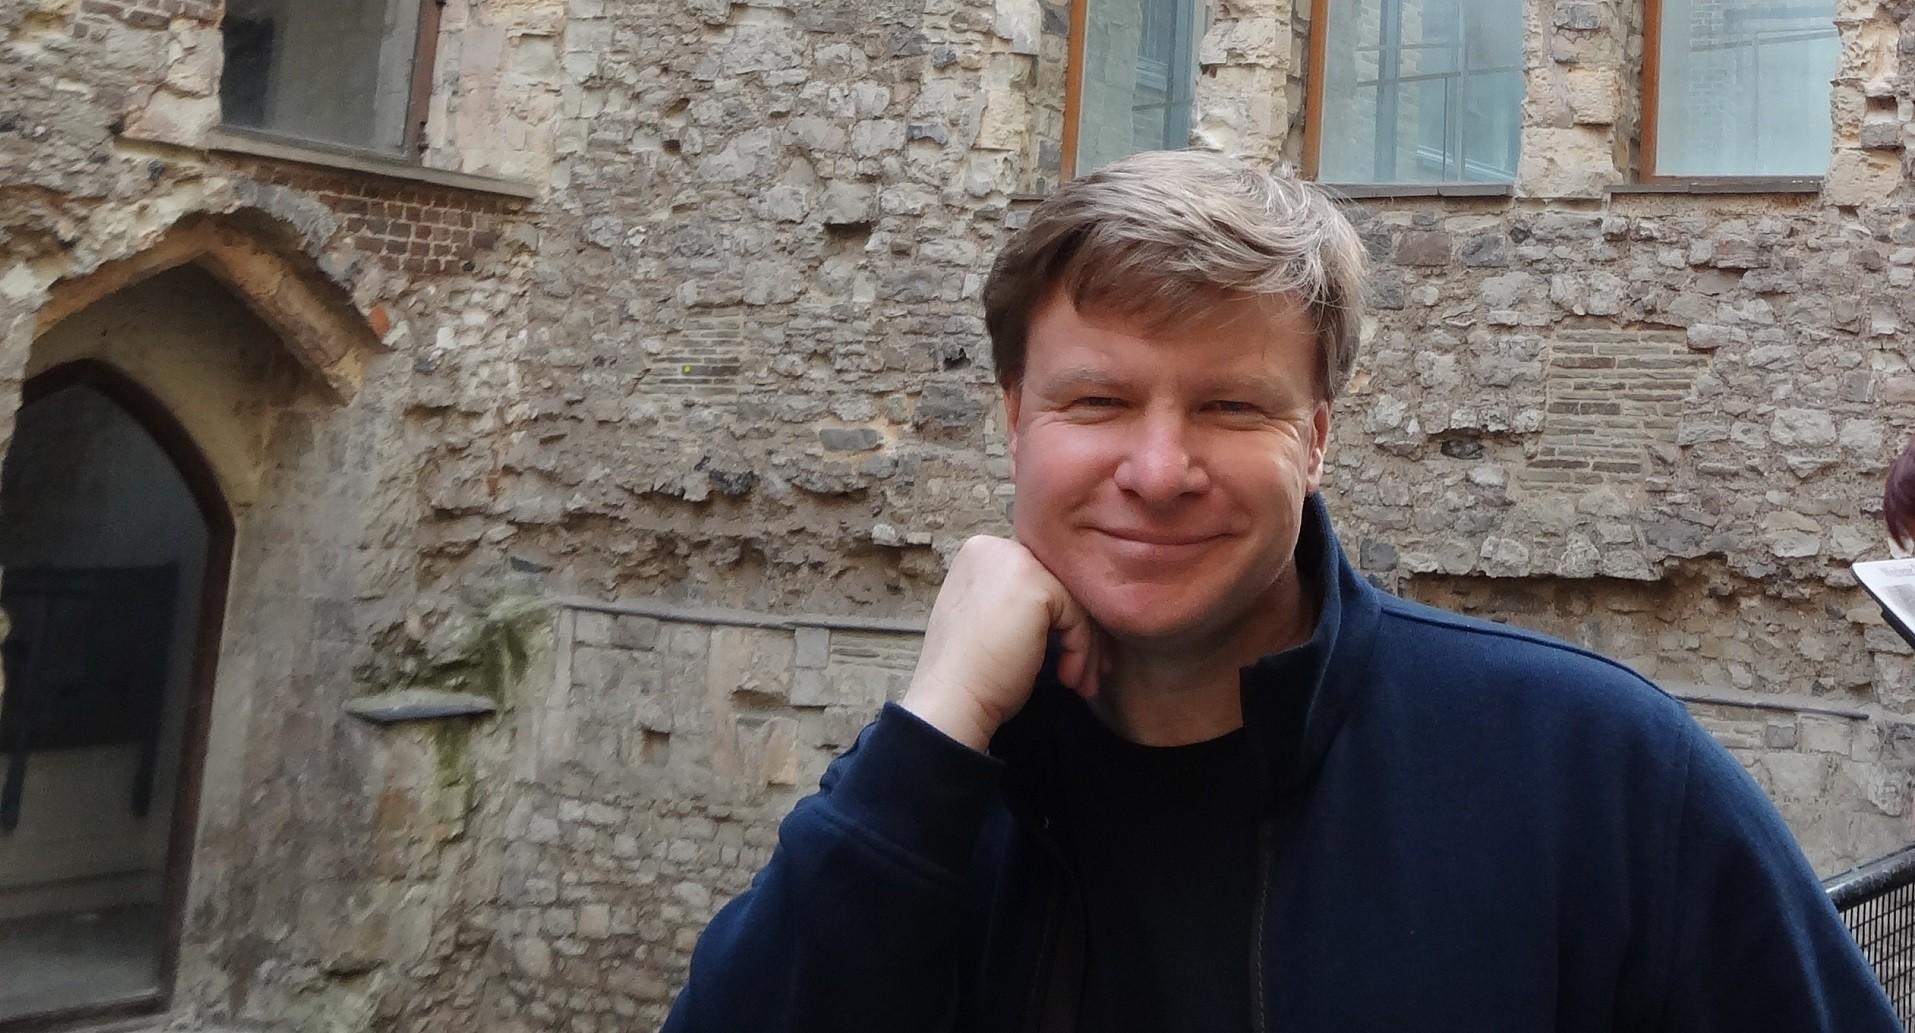 Tomasz Okrój